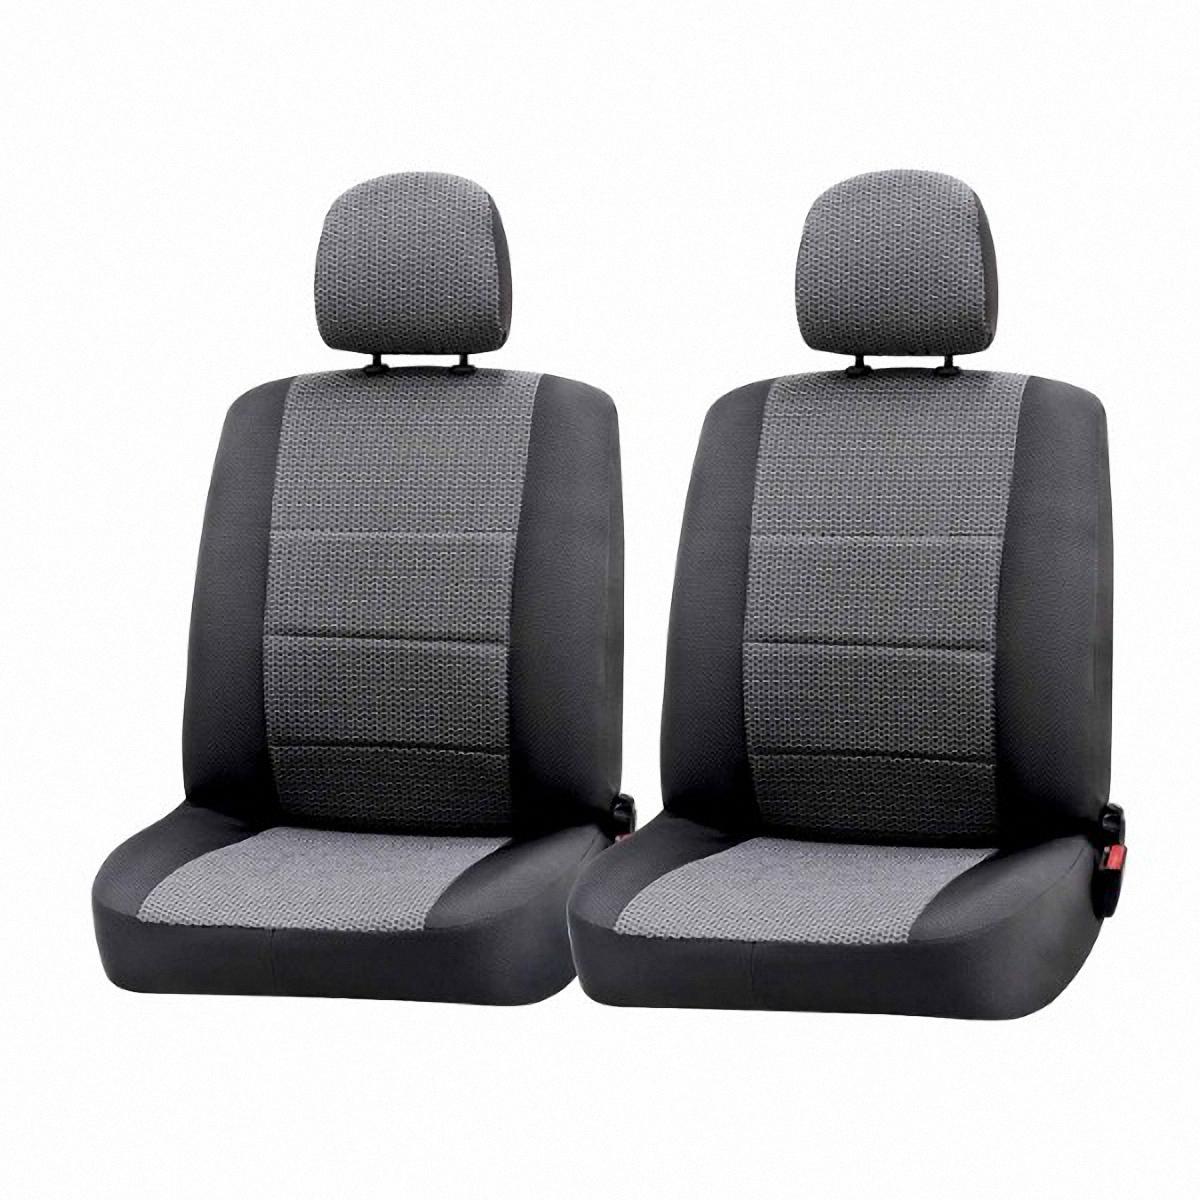 Чехлы автомобильные Skyway, для УАЗ Patriot 2014-21395599Автомобильные чехлы Skyway изготовлены из качественного жаккарда. Чехлы идеально повторяют штатную форму сидений и выглядят как оригинальная обивка сидений. Разработаны индивидуально для каждой модели автомобиля. Авточехлы Skyway просты в уходе - загрязнения легко удаляются влажной тканью. Чехлы имеют раздельную схему надевания. В комплекте 12 предметов.